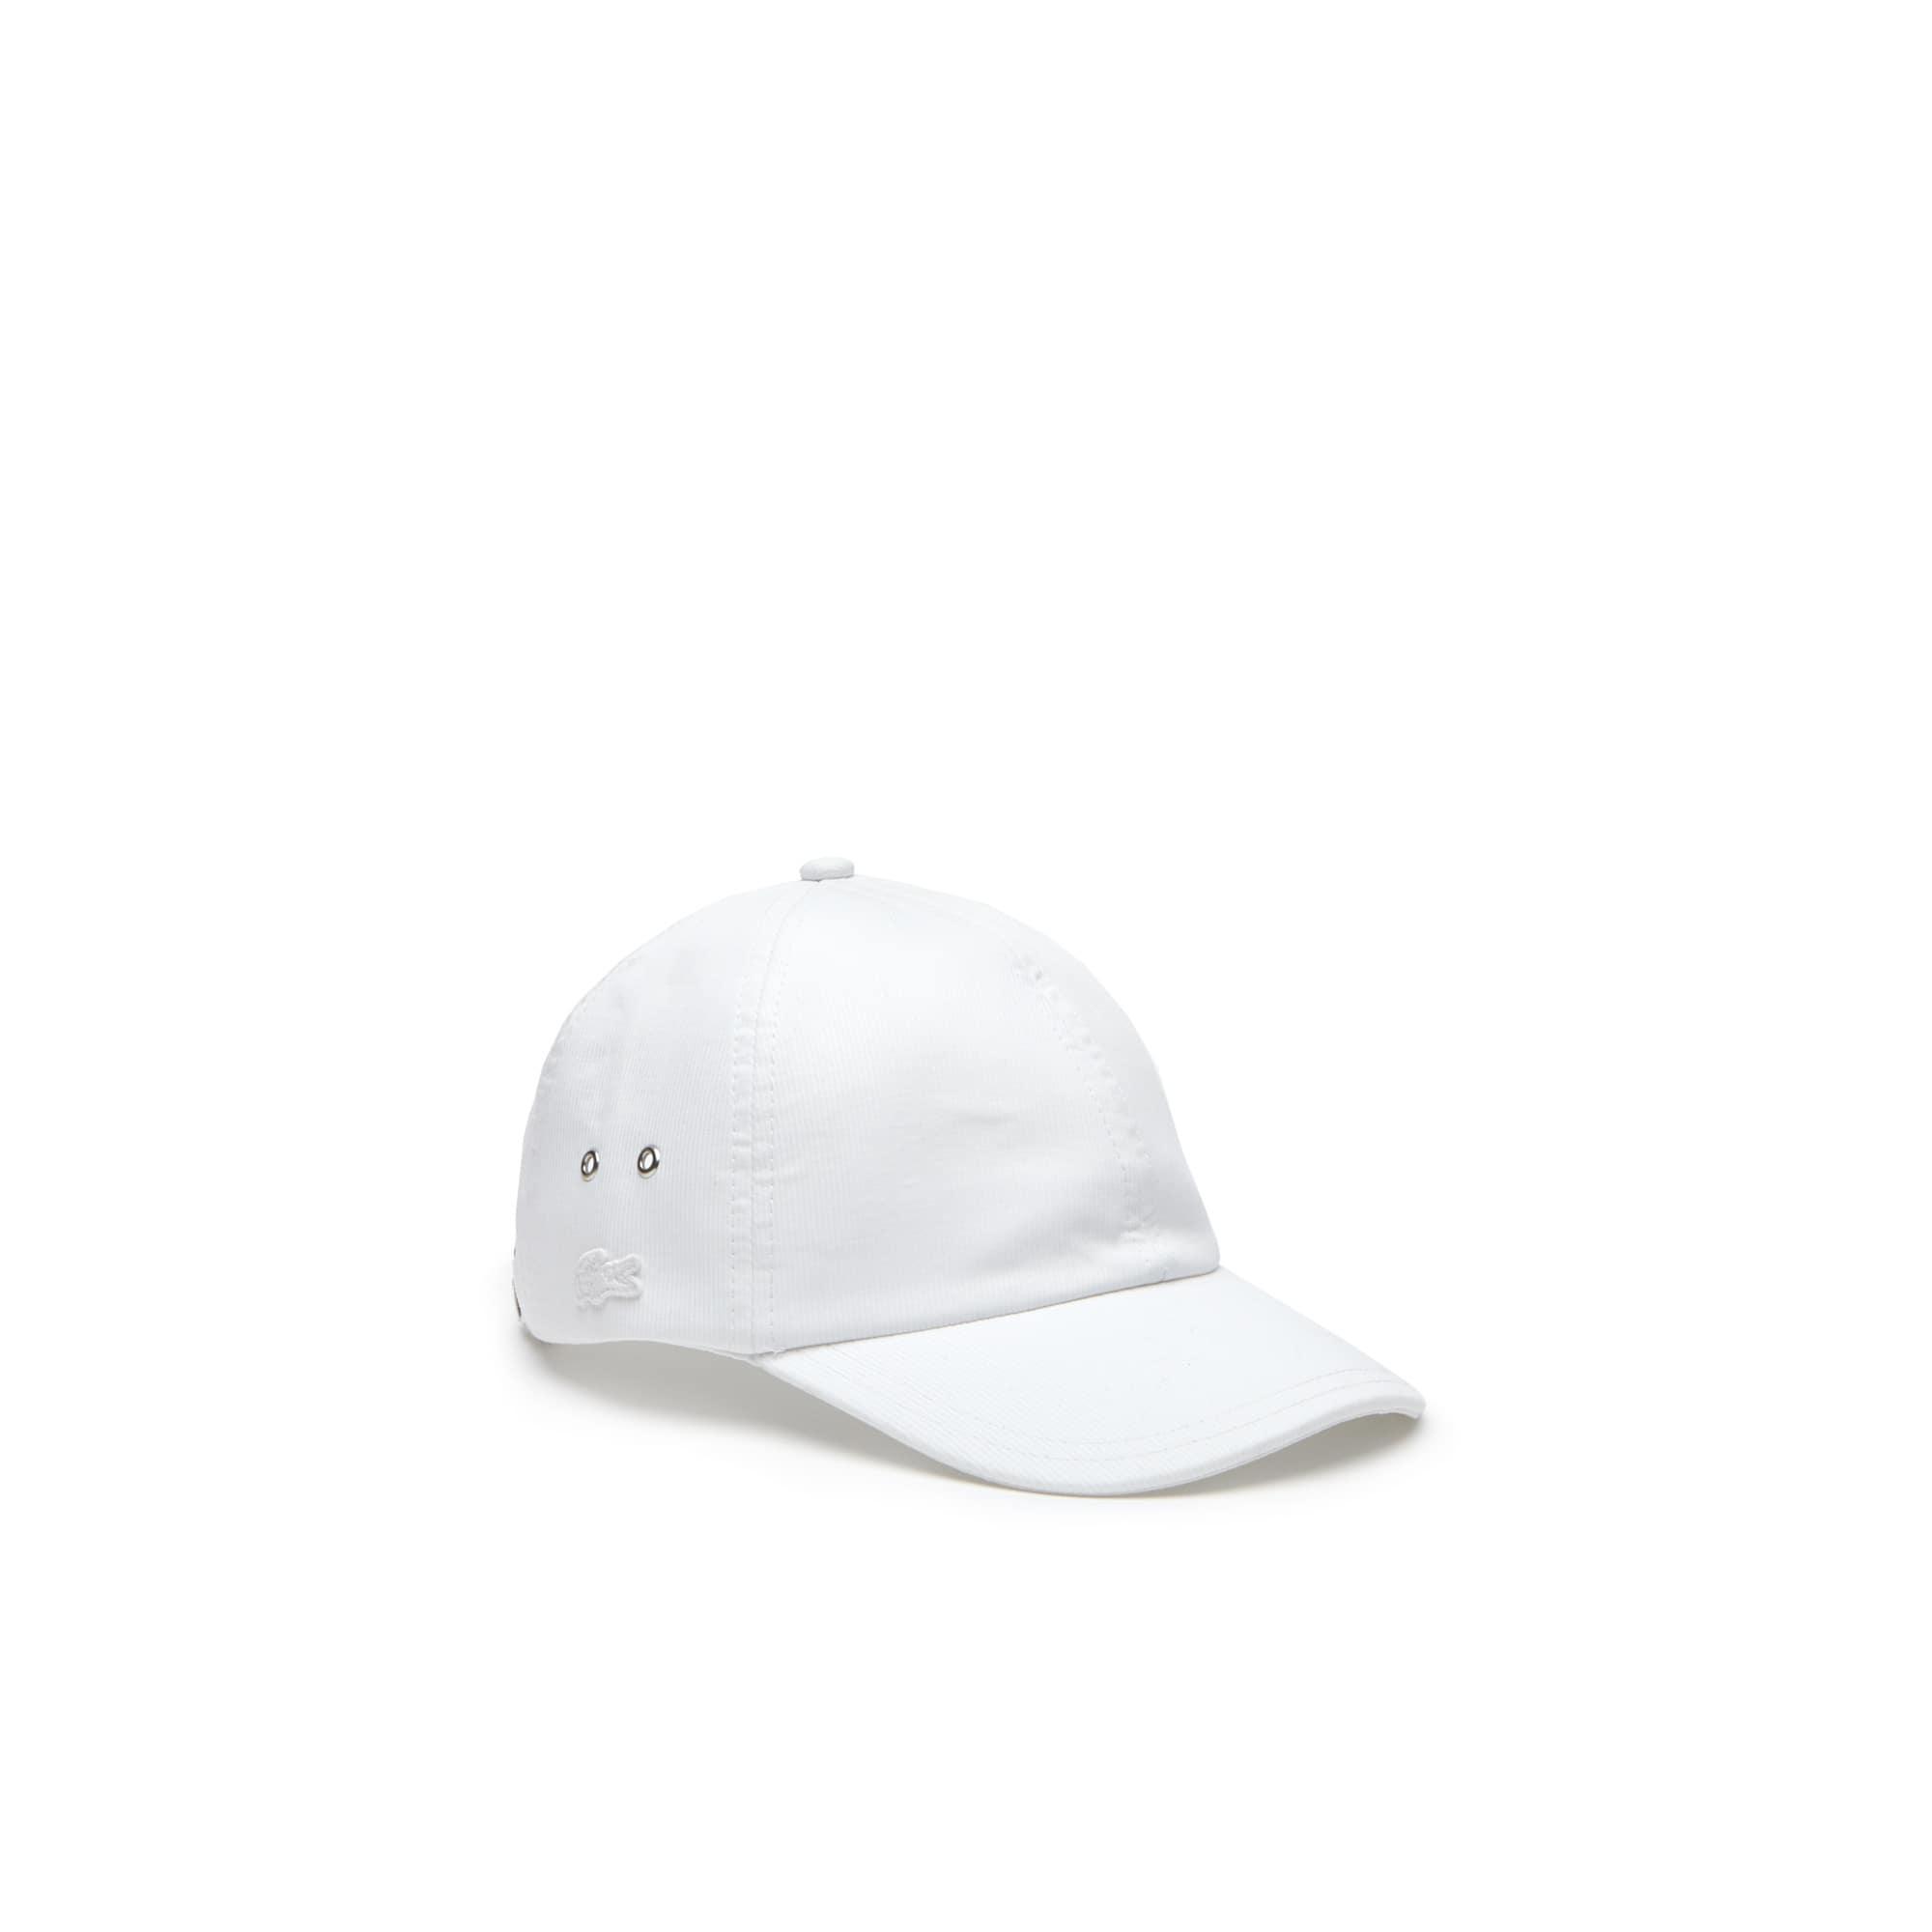 Women's Texturized Cotton Cap